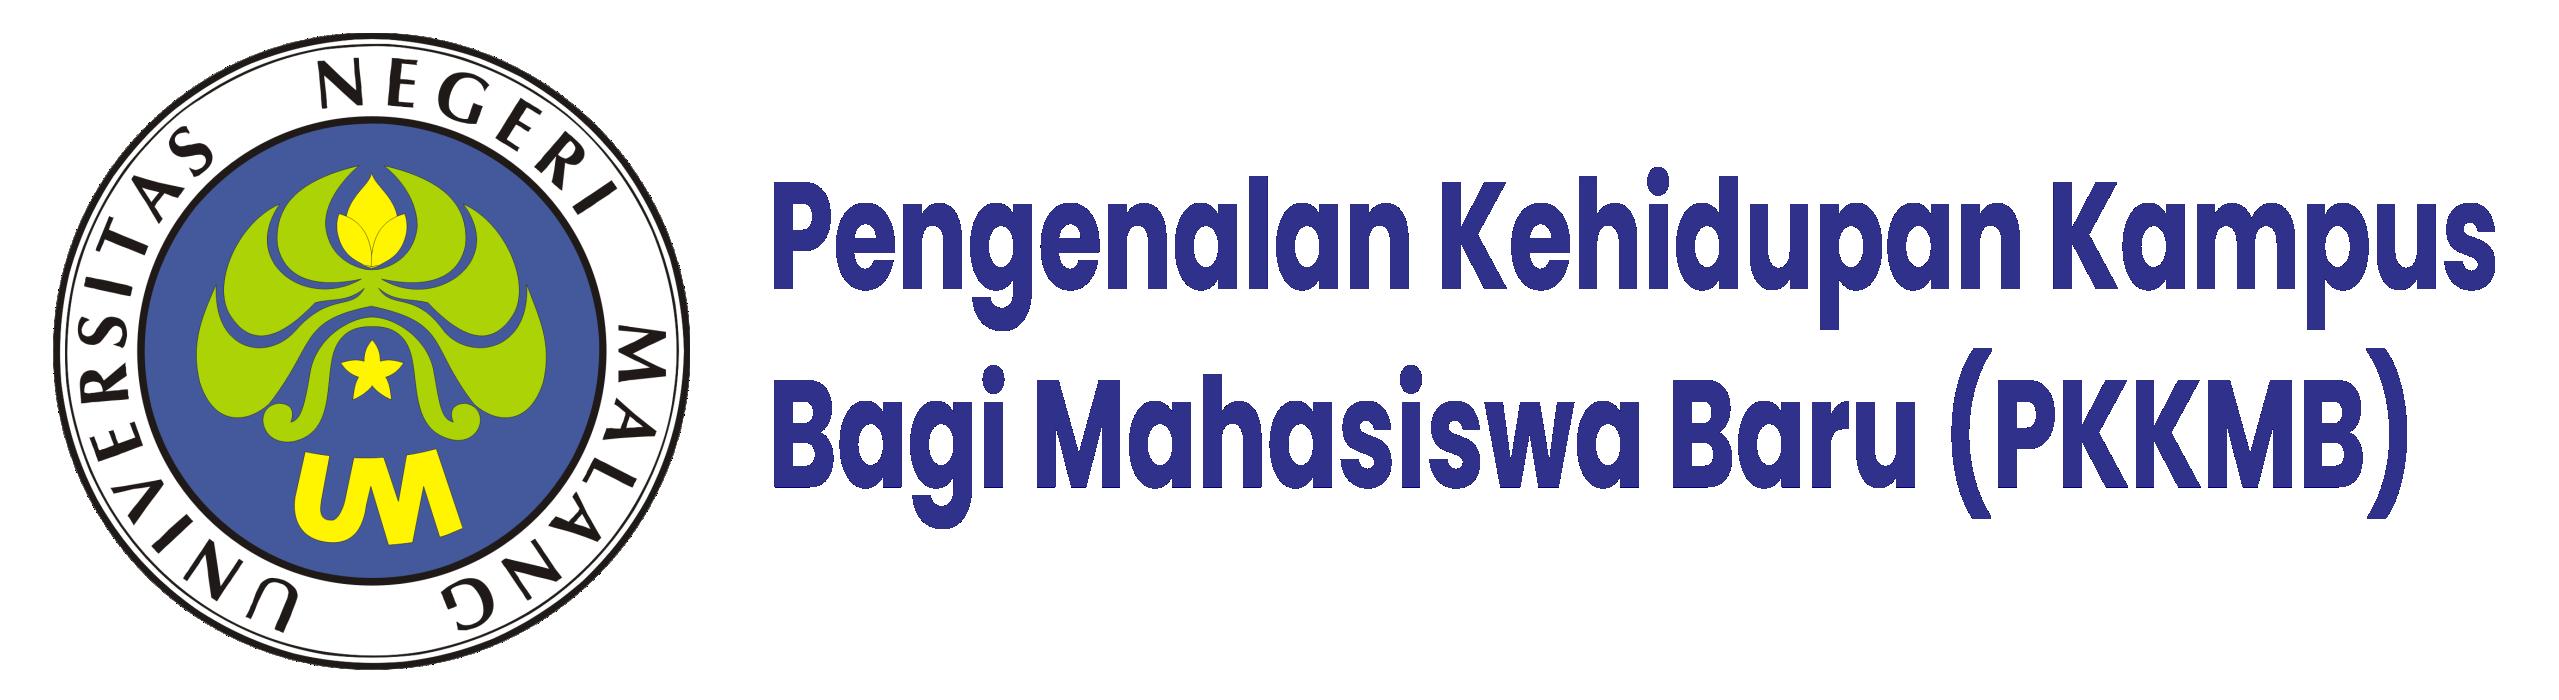 PKKMB UM (Official Site)